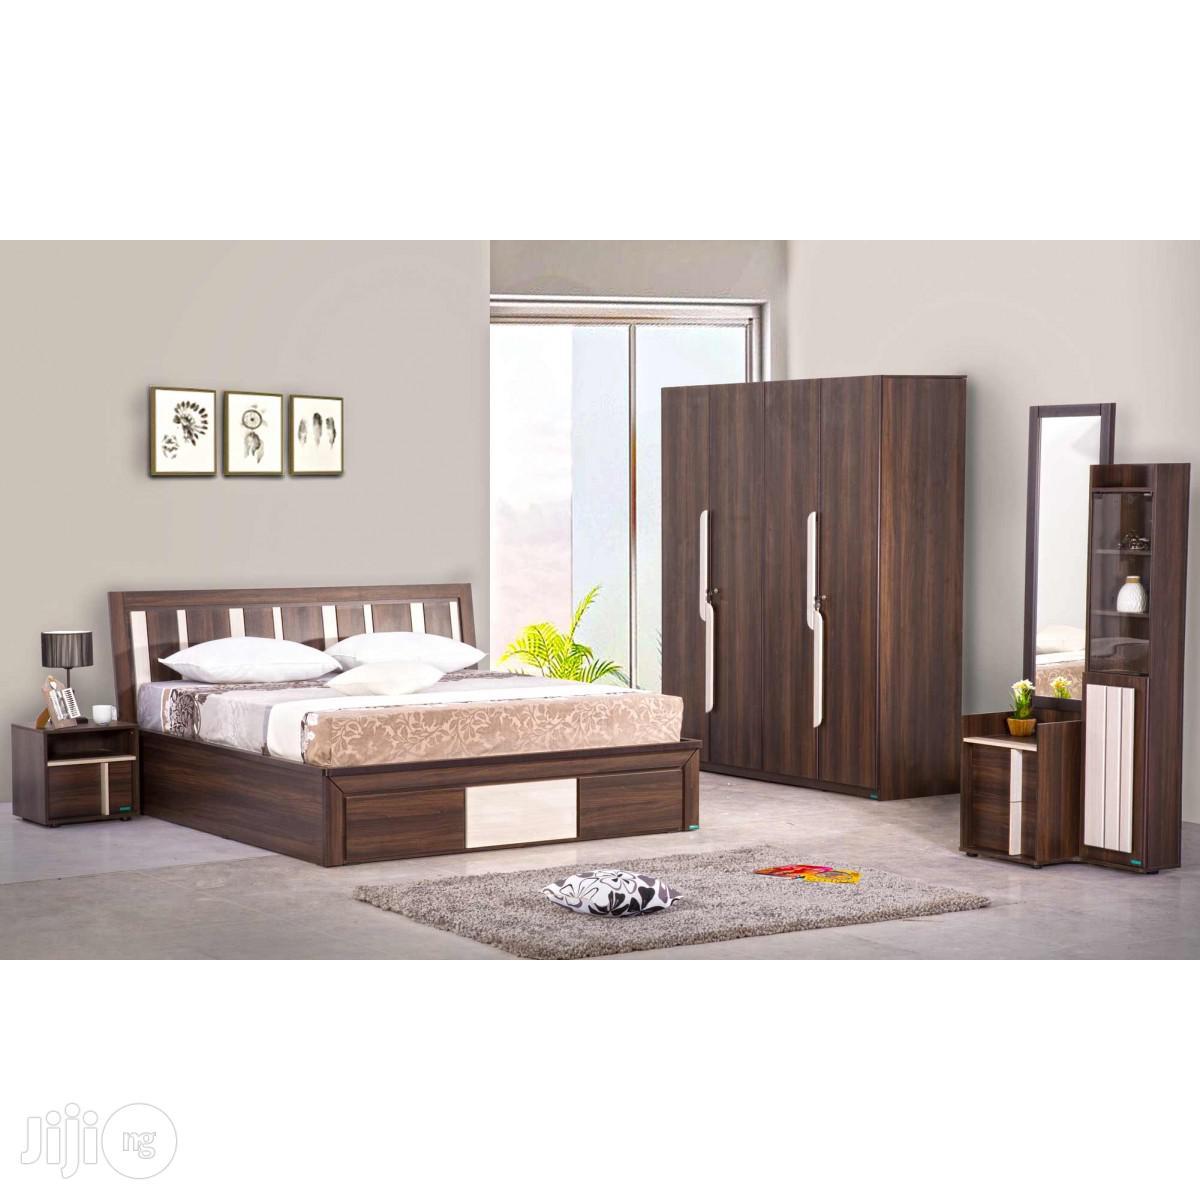 Archive New Design Bedroom Furniture In Lekki Furniture Noker Furnish Jiji Ng